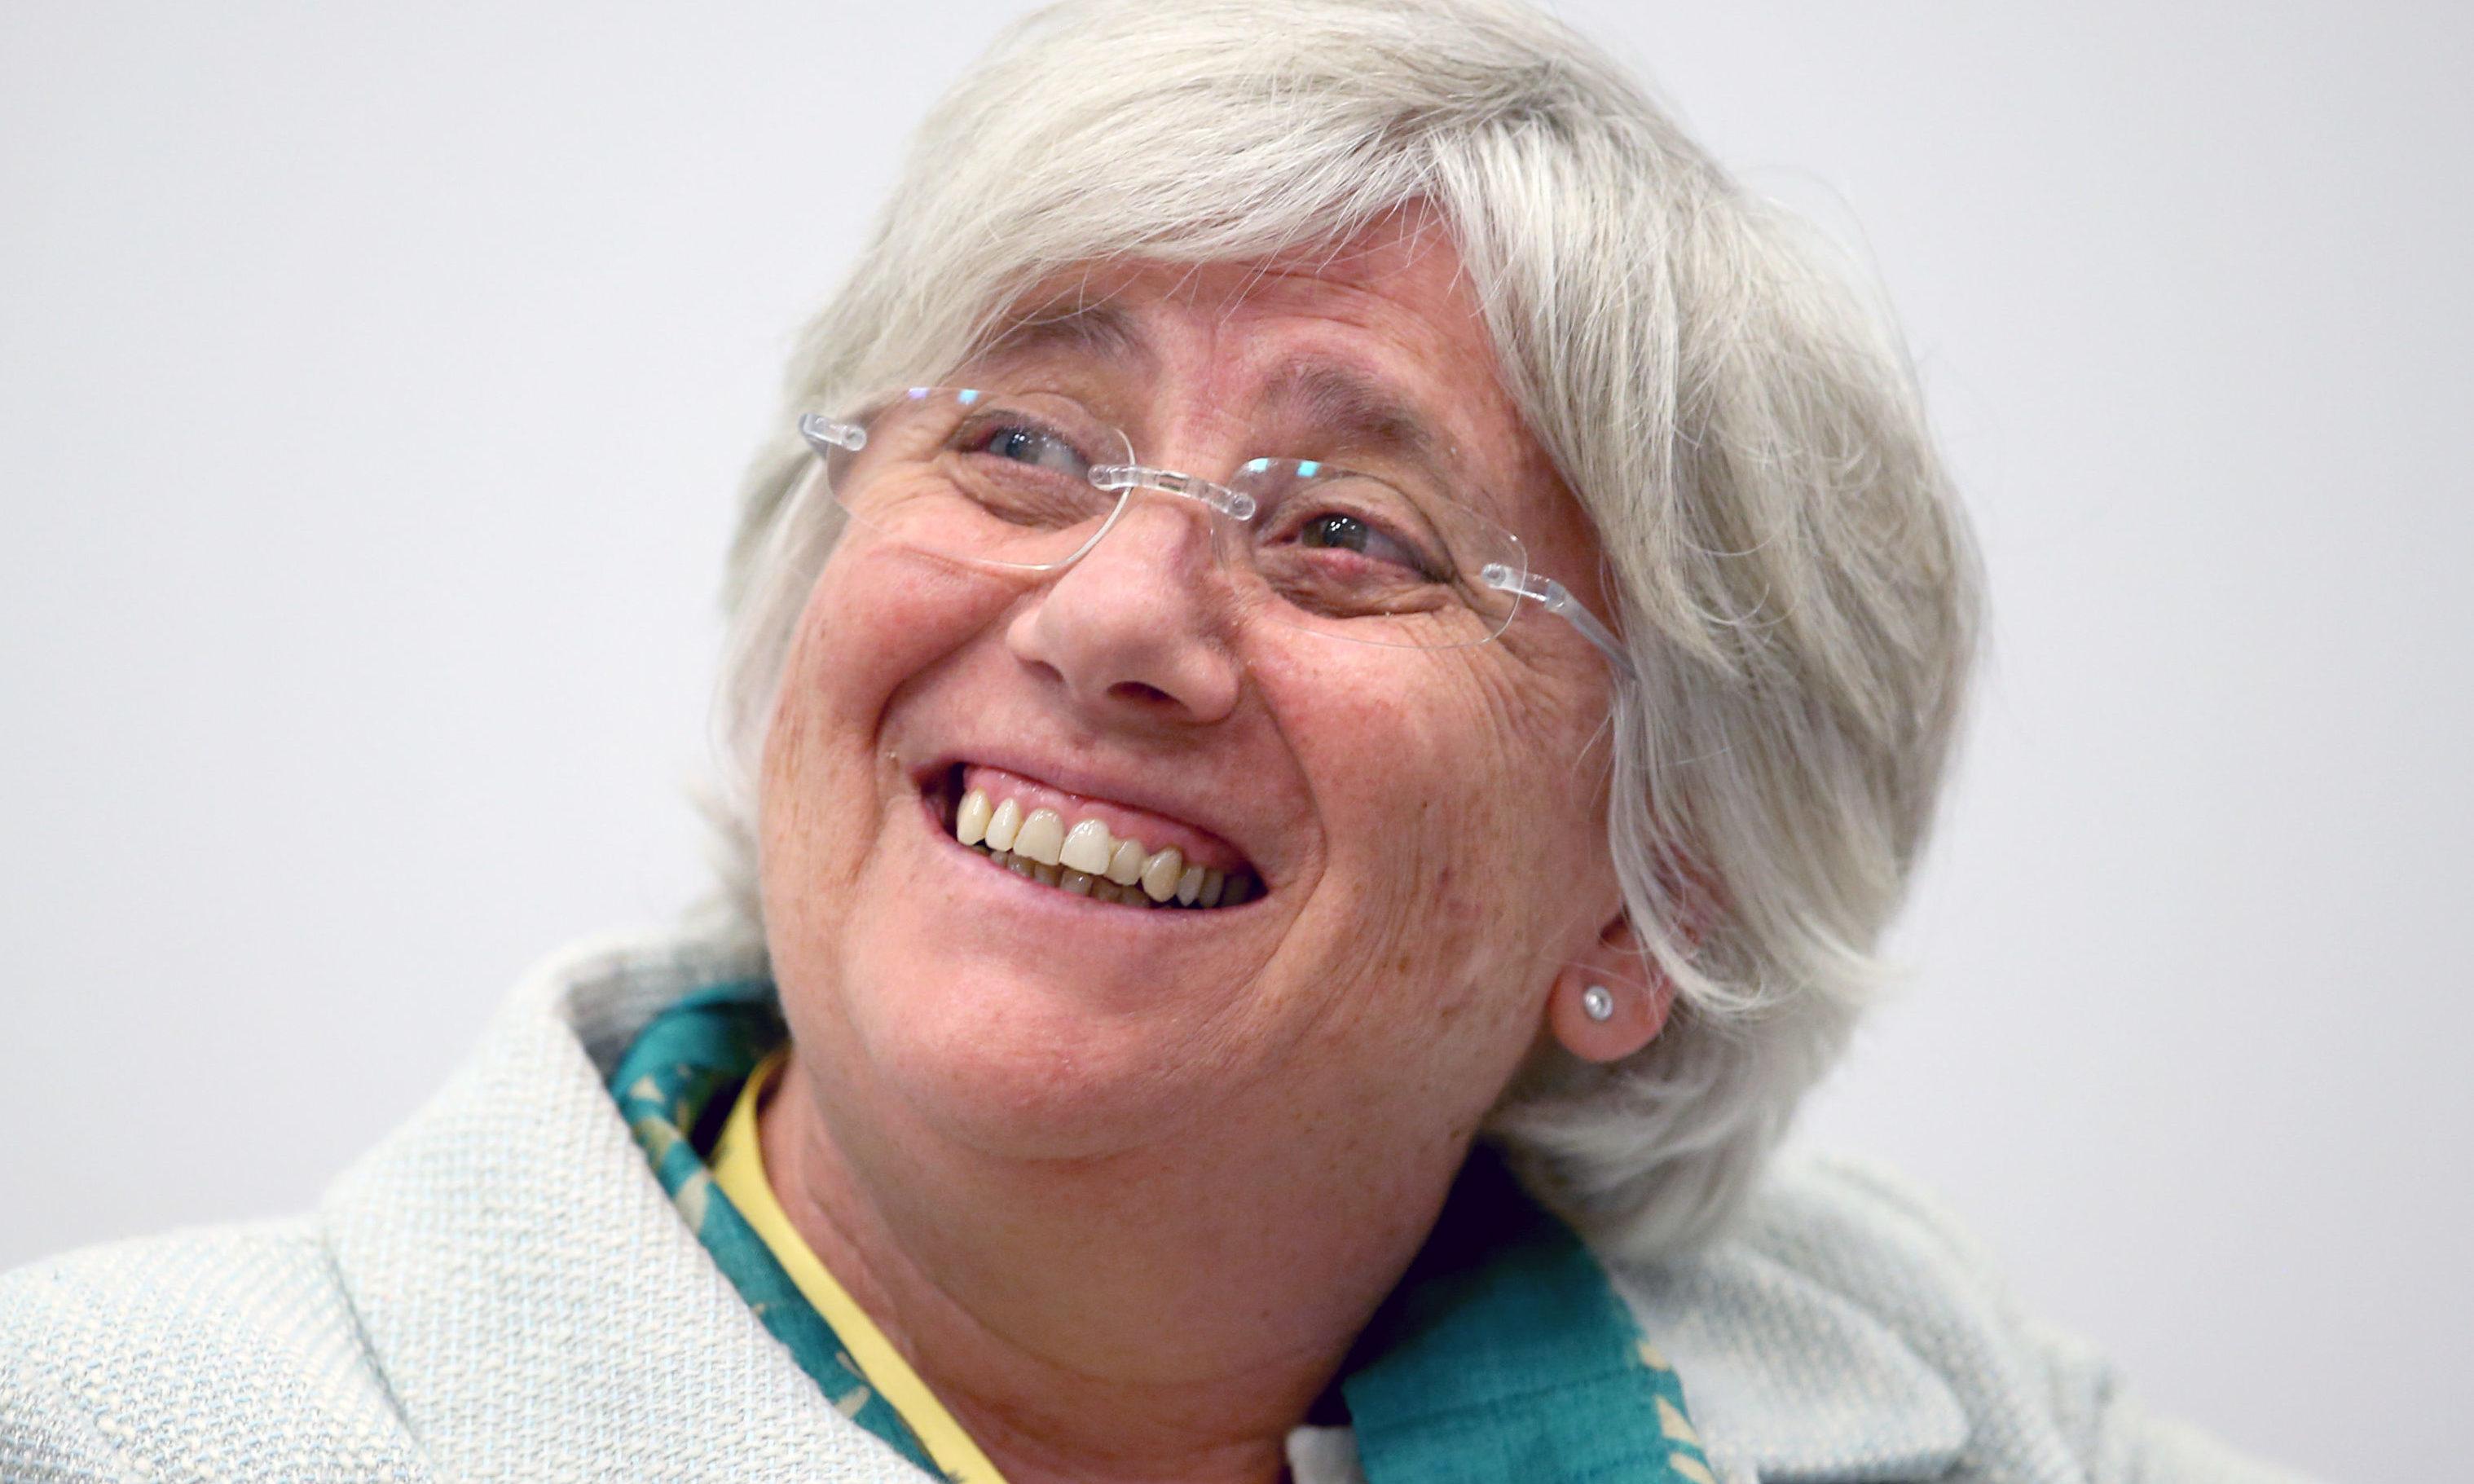 Professor Clara Ponsati